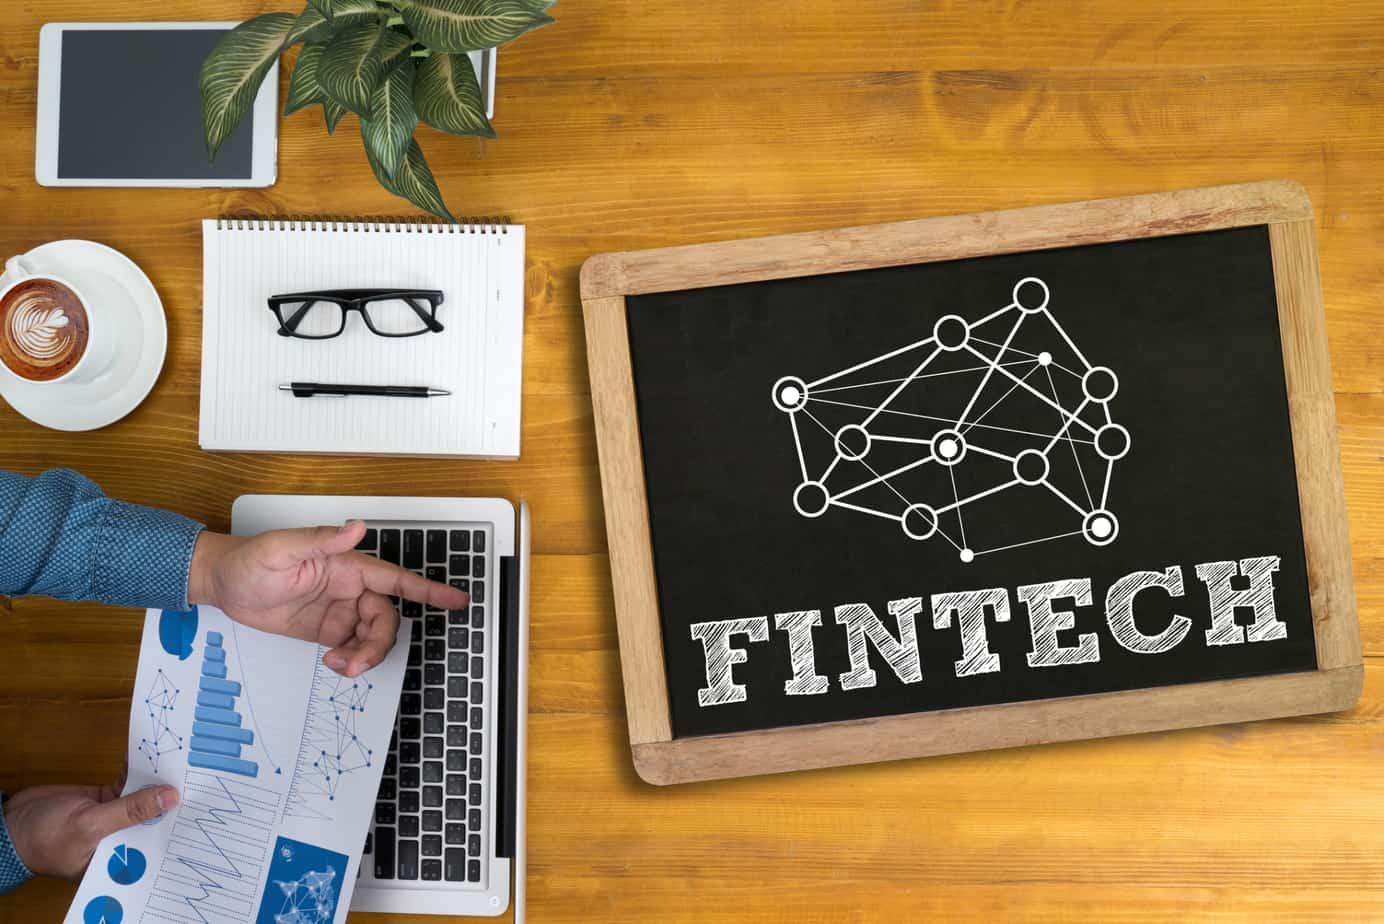 Fintech Investment Financial Internet Technology 70223887